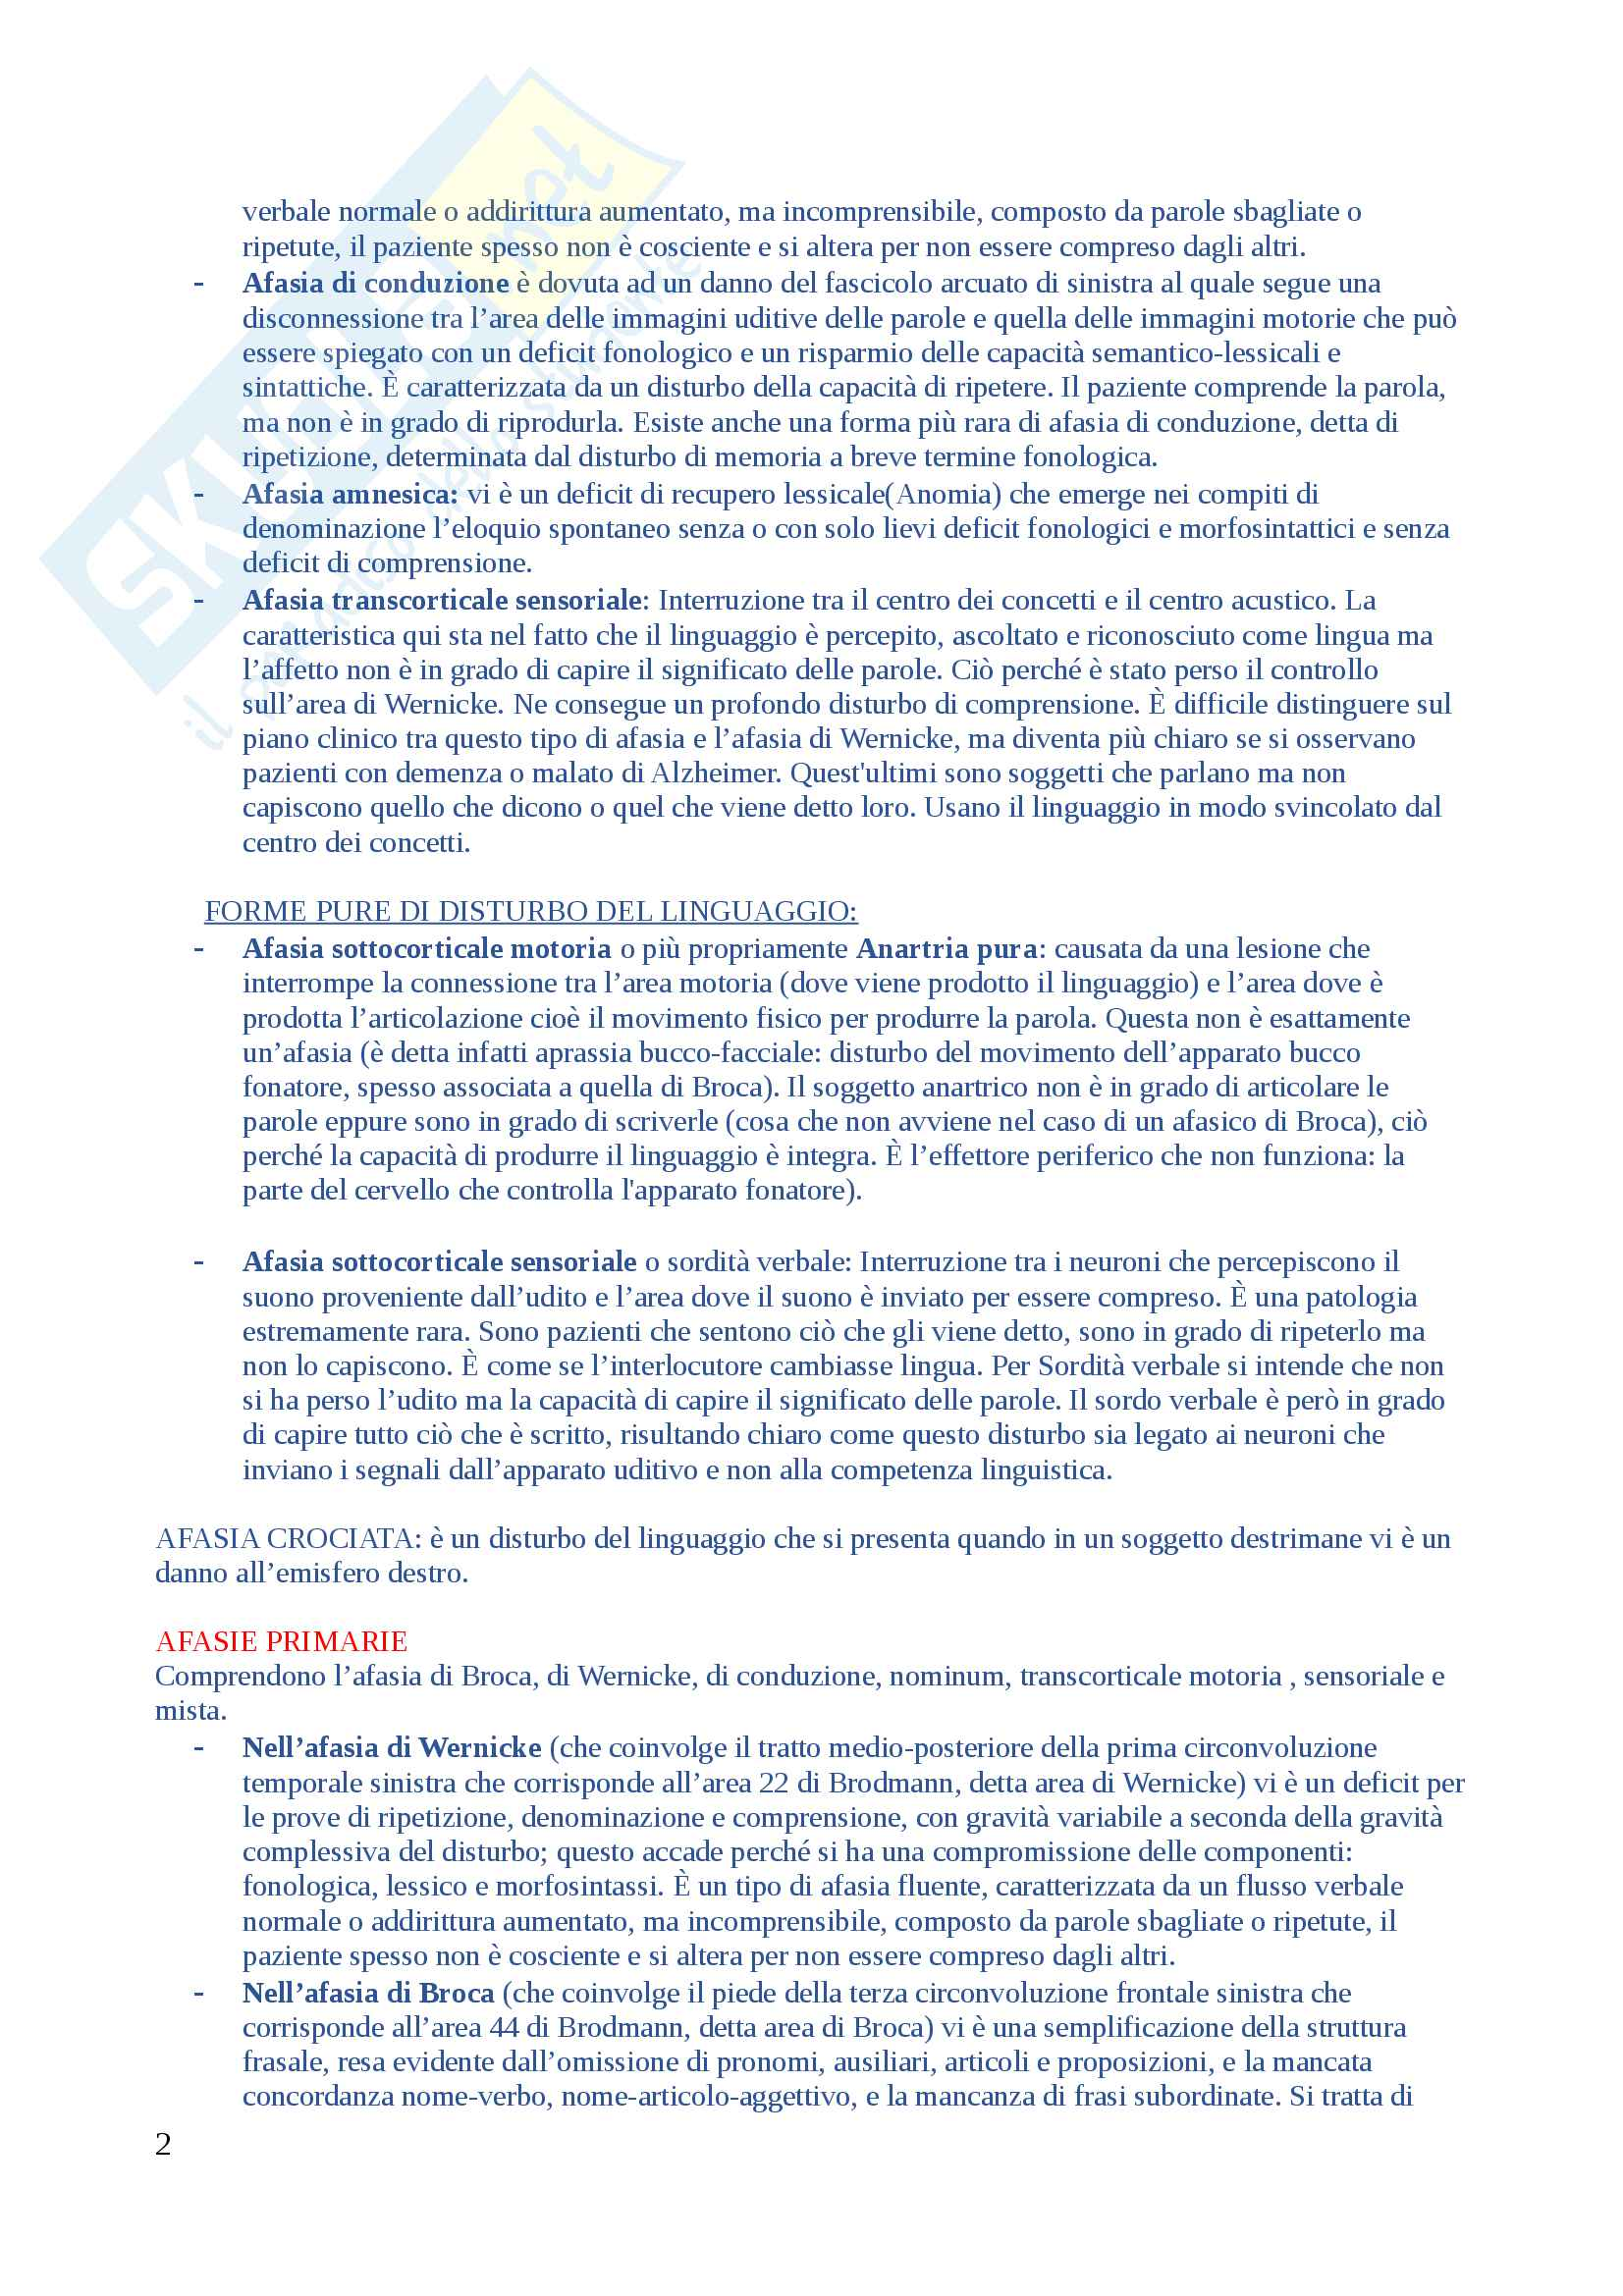 Domande di Neuropsicologia, domande e risposte per esame esaurienti e complete Pag. 2